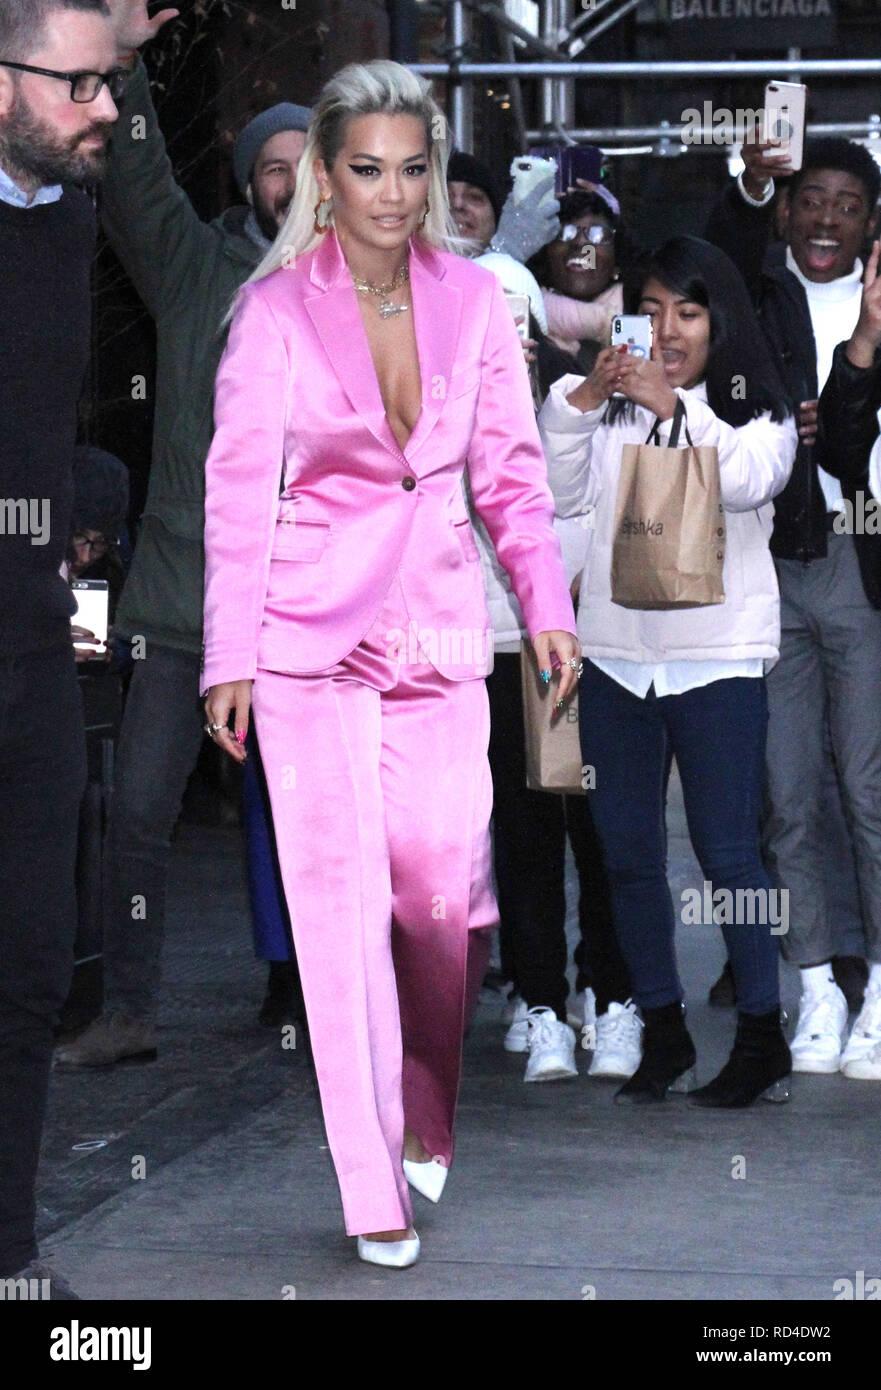 New York, NY, STATI UNITI D'AMERICA. 16 gennaio, 2019. Rita ora visto lasciare per il Tonight Show Starring Jimmy Fallon nella città di New York il 16 gennaio 2019. Credito: Rw/media/punzone Alamy Live News Immagini Stock